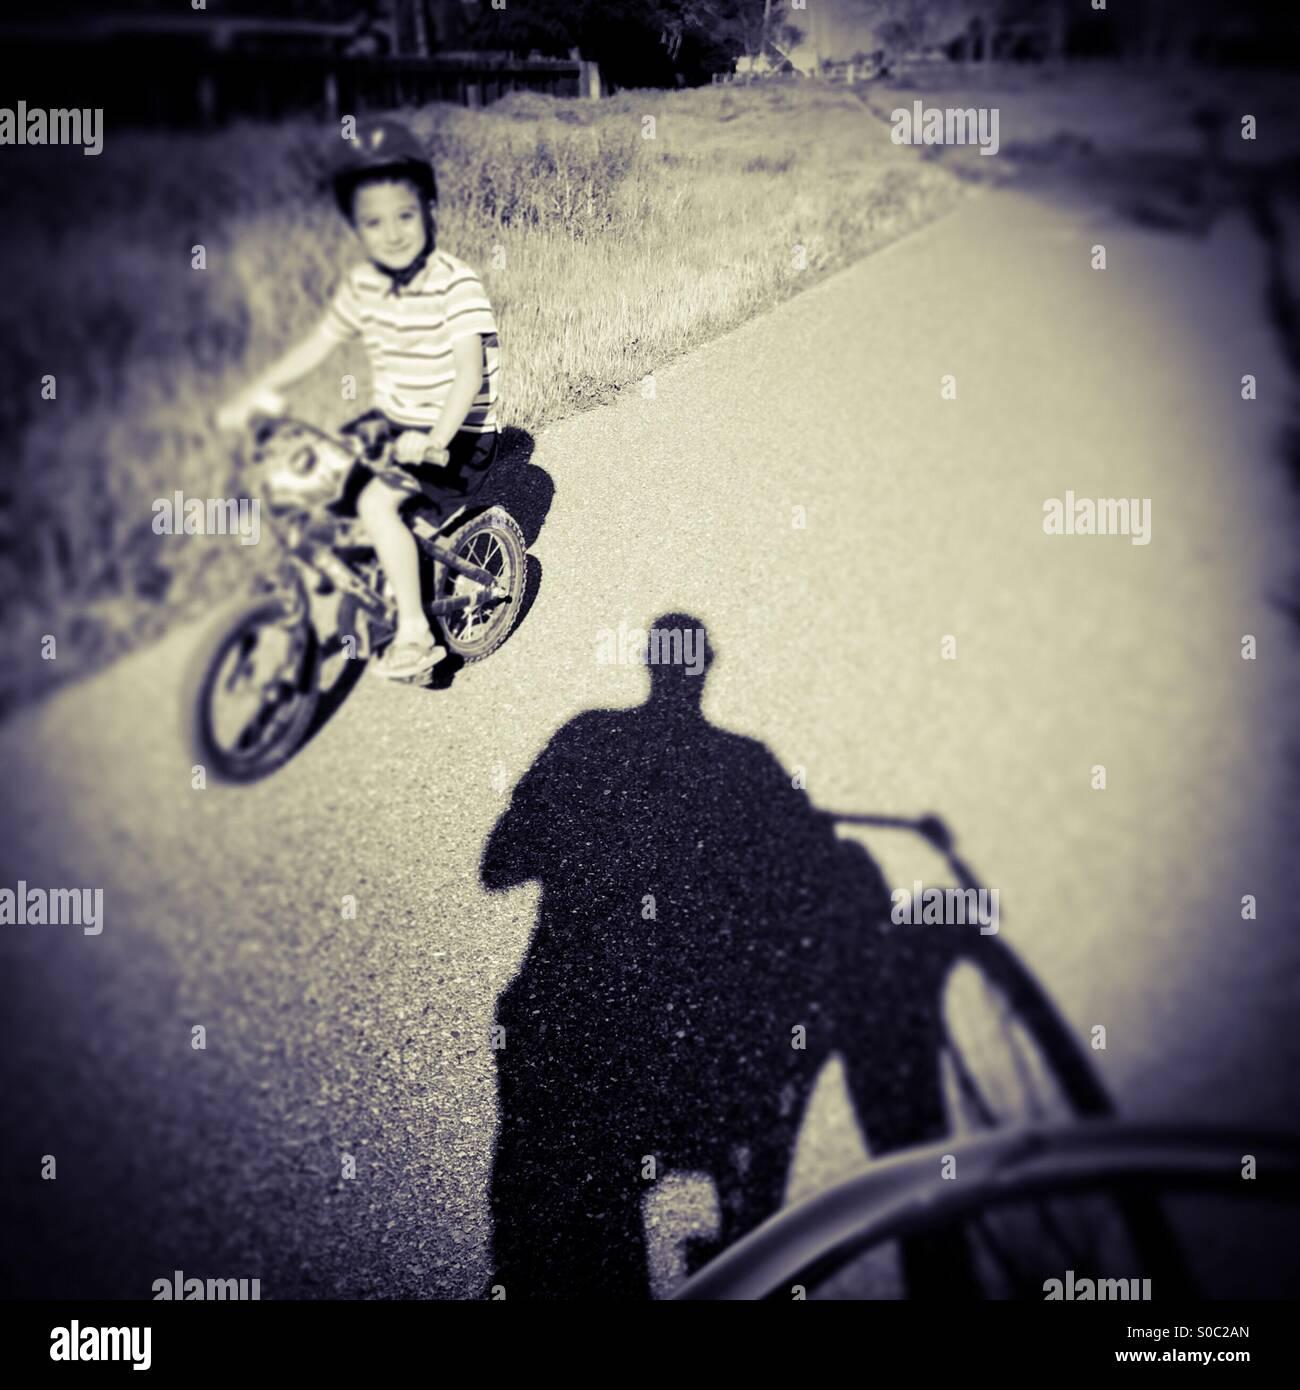 Un niño de siete años monta su bicicleta por un hombre en una bicicleta de ruta. Imagen De Stock